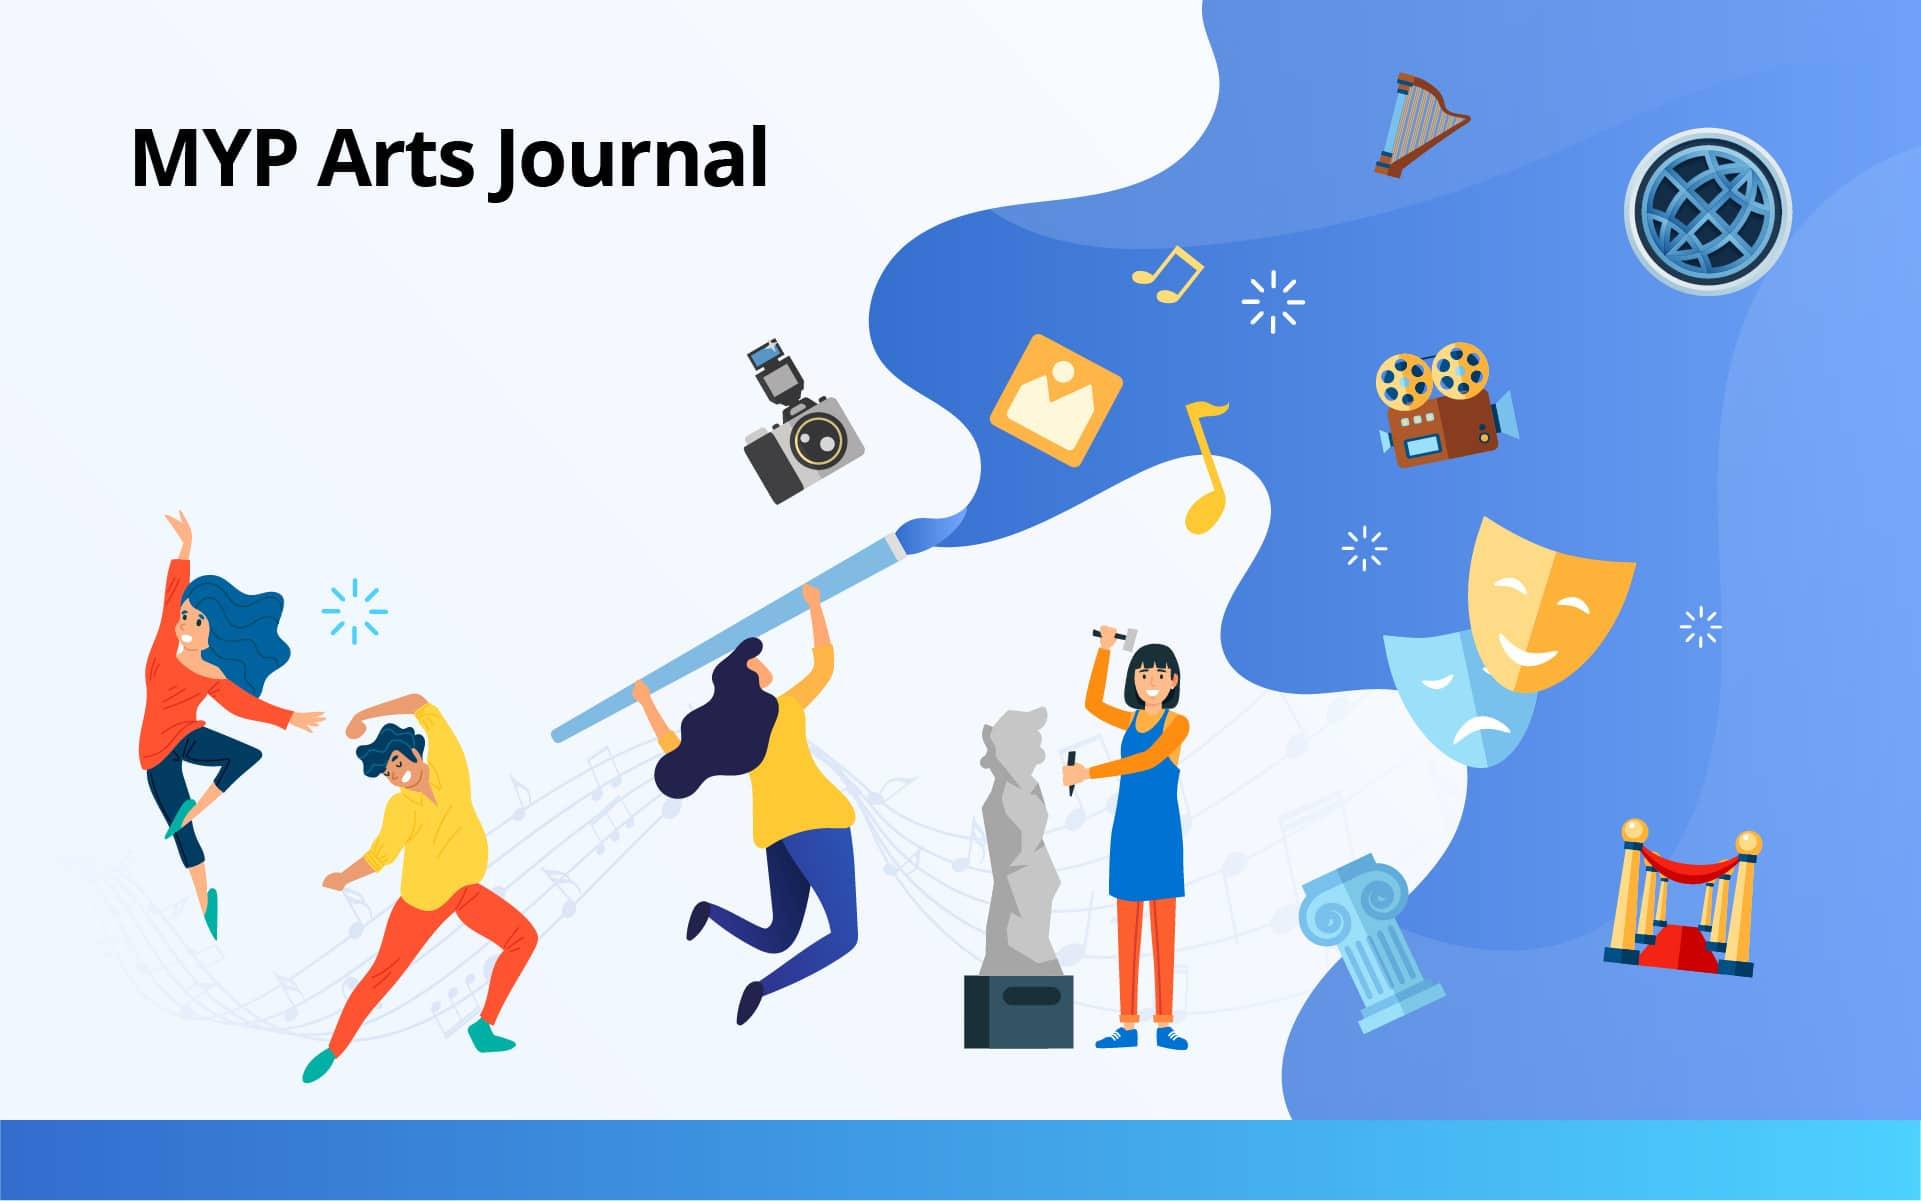 MYP Arts Journal 01